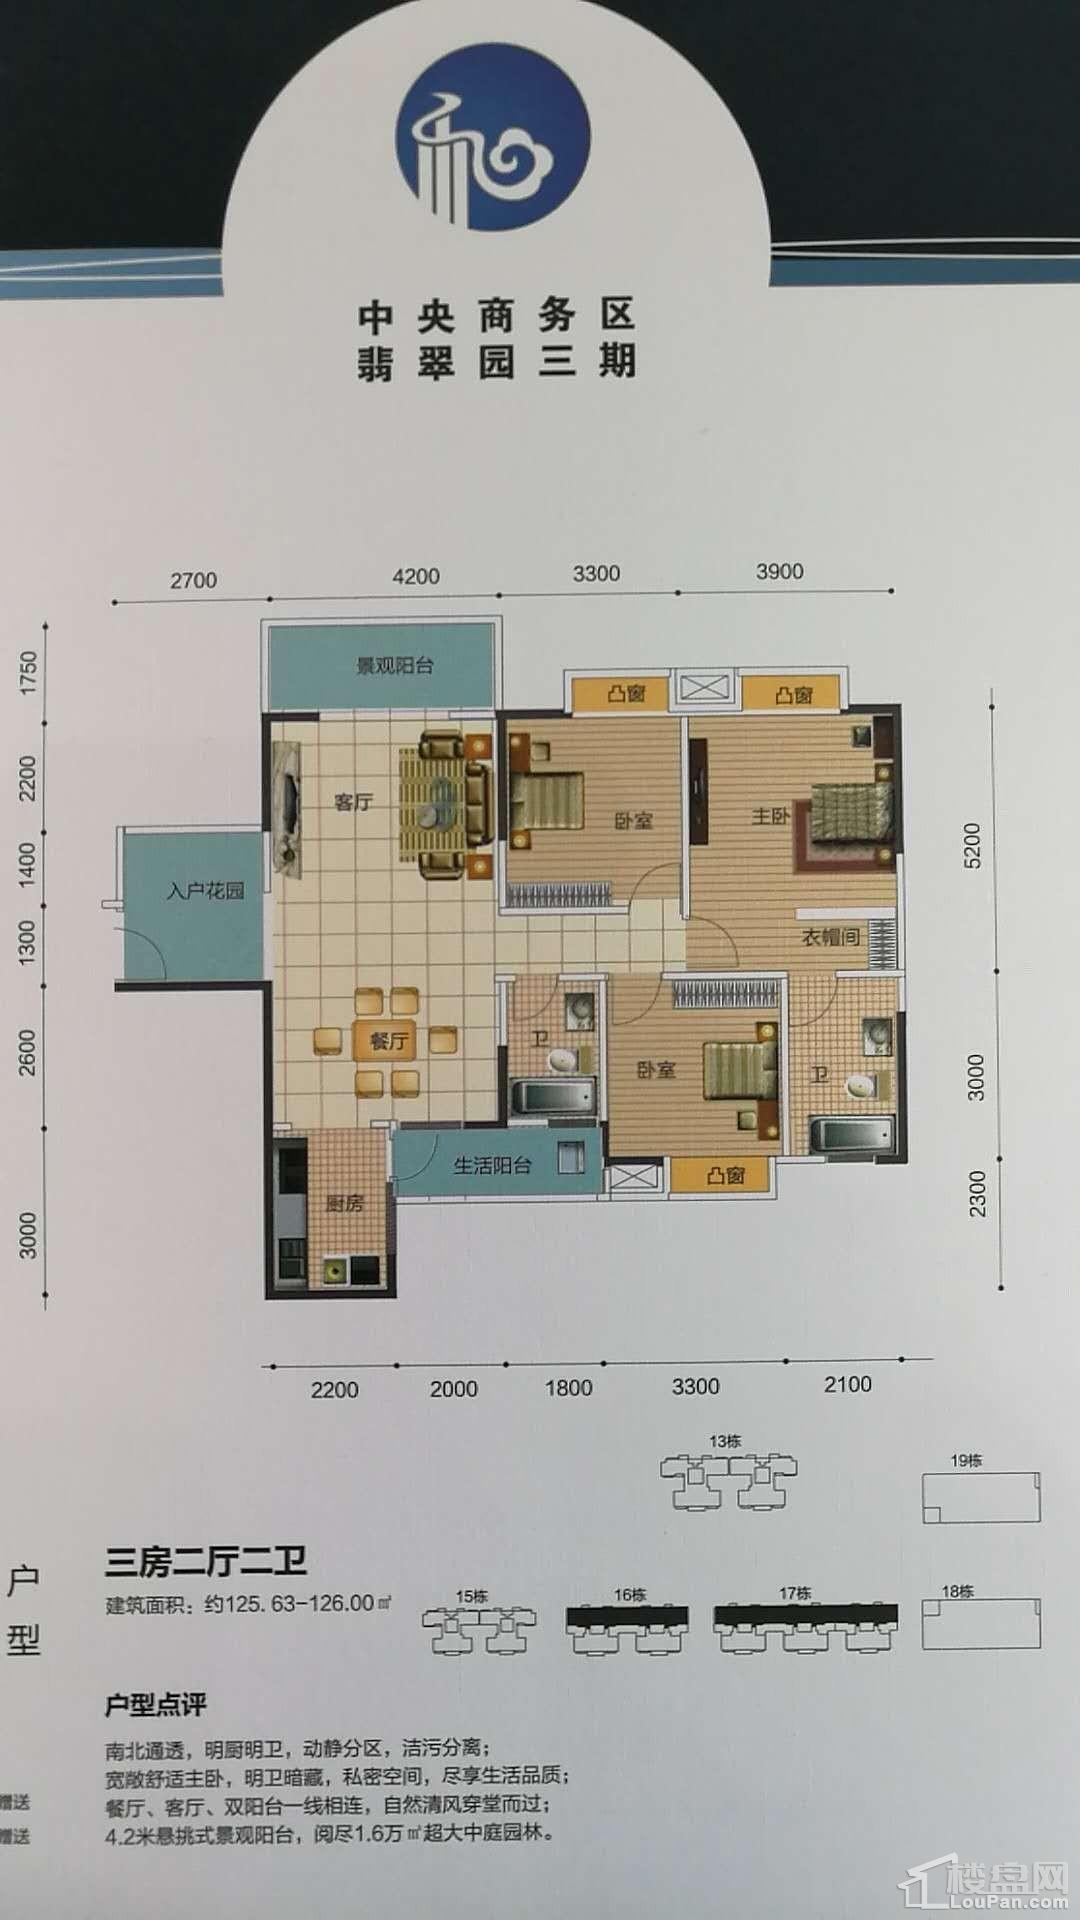 中央商务区翡翠园三期户型图